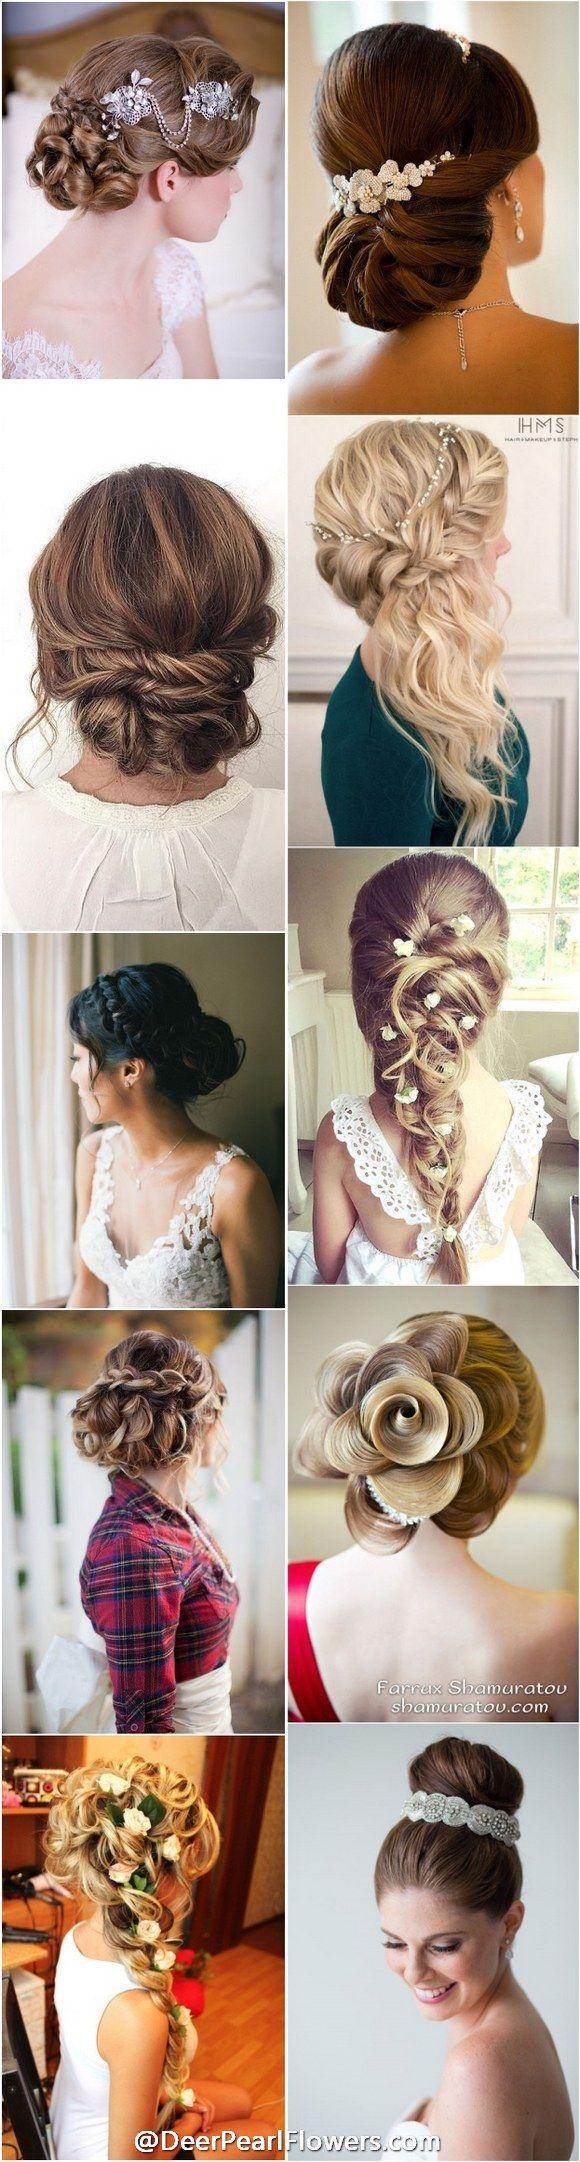 1000+ wedding hairstyles for long hair / http://www.deerpearlflowers.com/wedding-hairstyles/